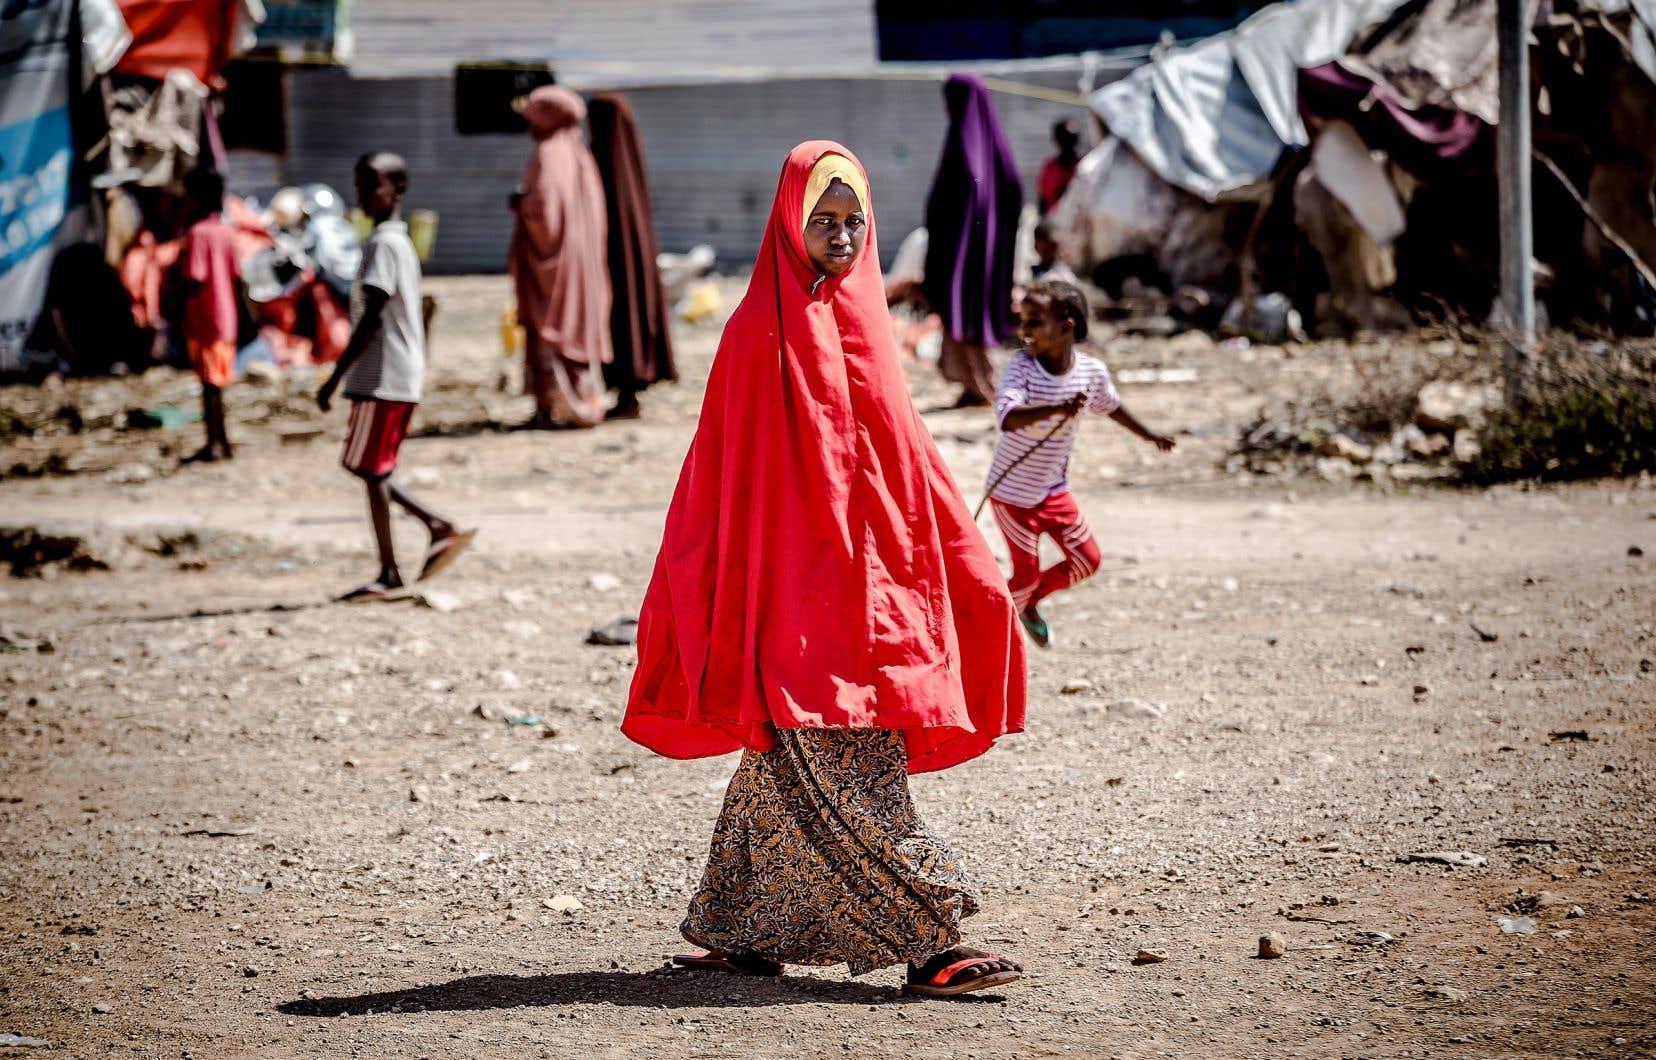 Une jeune femme se promenant dans un camp de personnes déplacées à Beledweyne, en Somalie, après que des pluies massives — phénomène de plus en plus fréquent avec le réchauffement climatique — eurent inondé de grandes aires du pays en décembre 2019.